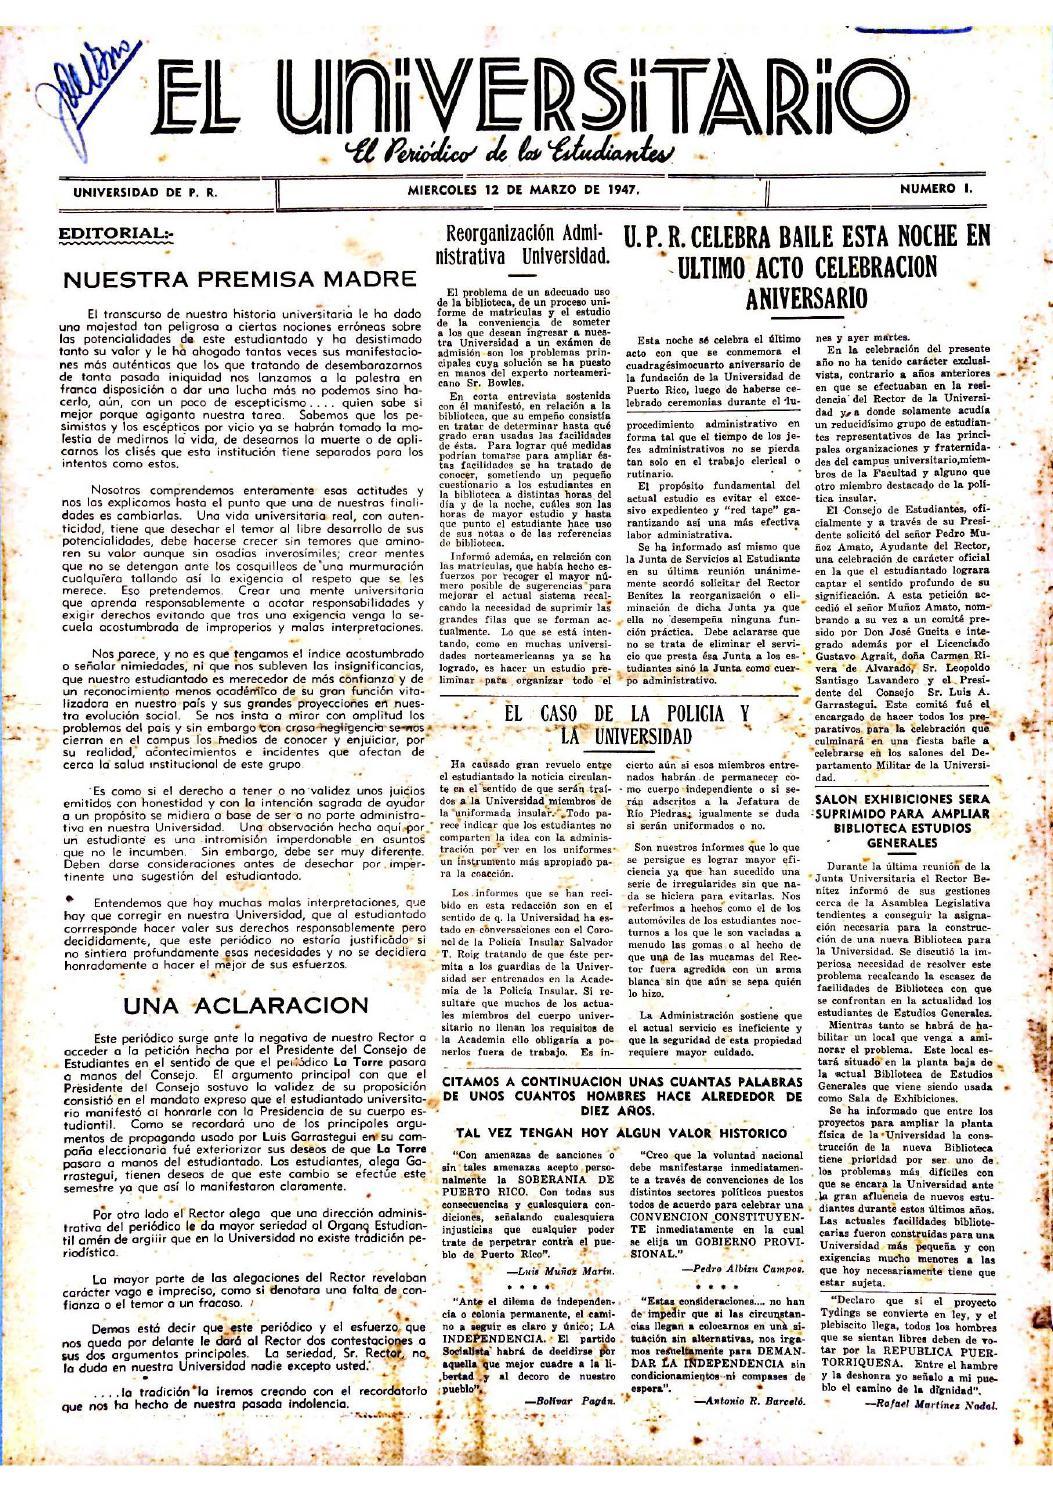 El Universitario 1947-1952 by Colección Puertorriqueña UPR RP - issuu